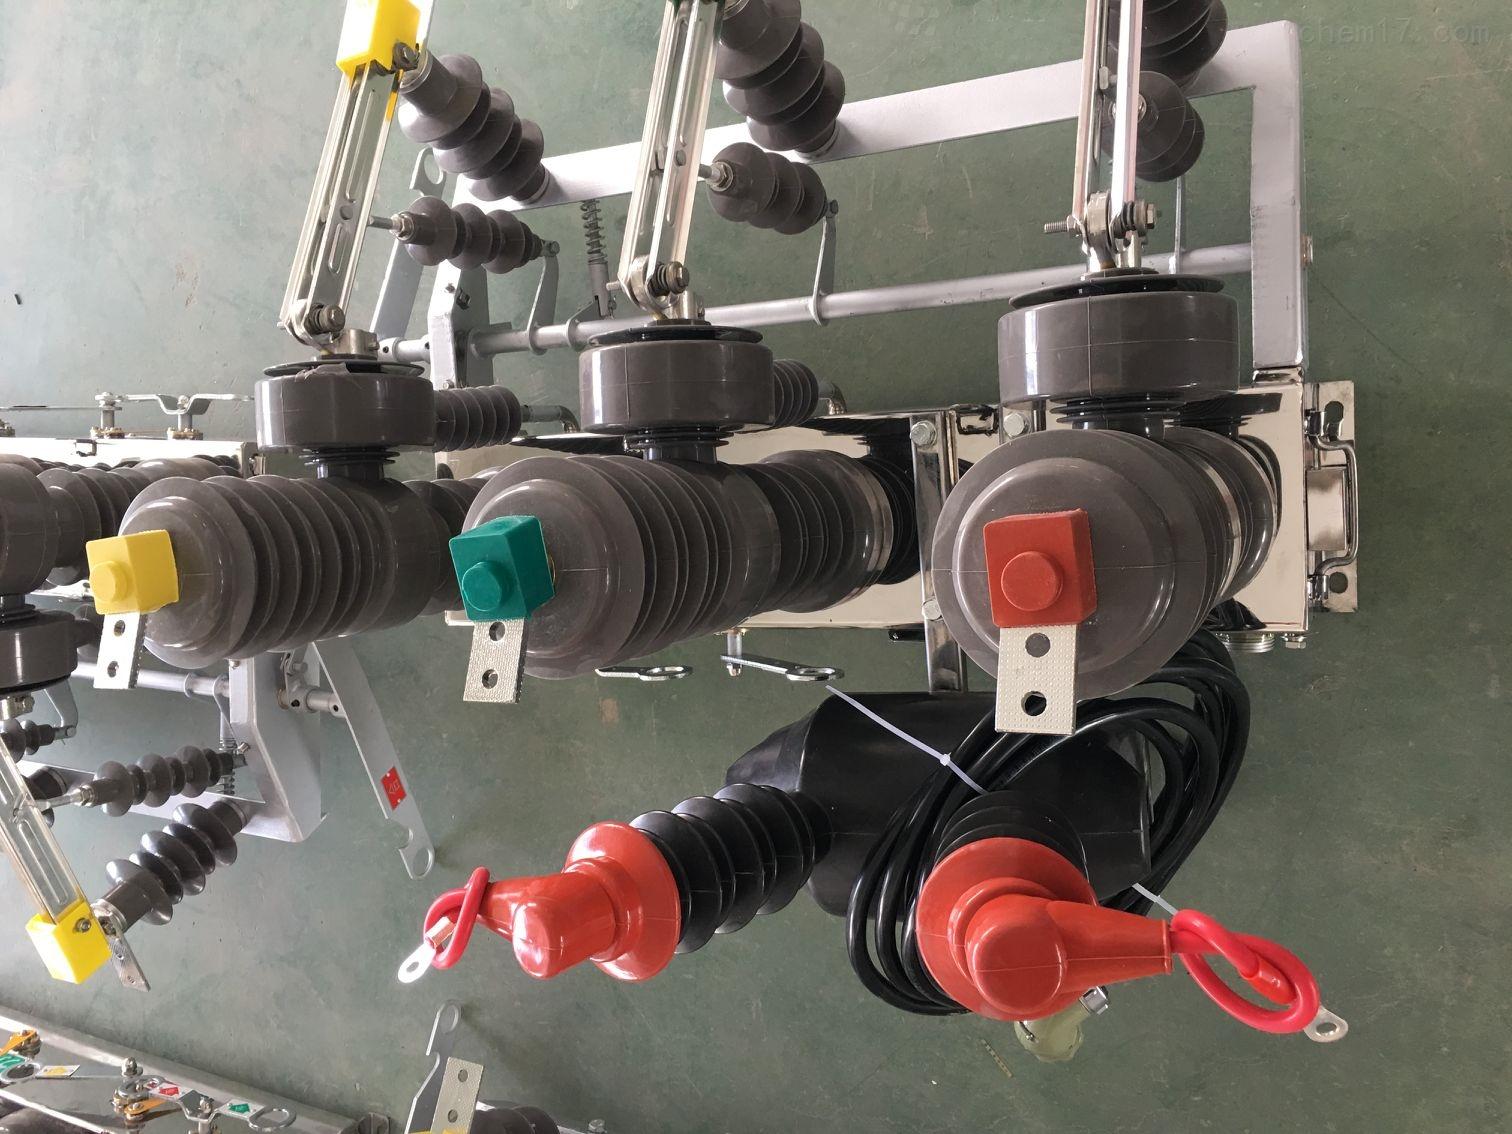 10KV高压智能分界真空断路器PT二次取电 额定电压12KV、三相交流50Hz的户外配电设备。 主要用于开断、关合电子系统中的负荷电流、过载电流及短路电流。 适用于变电站及工矿企业配电系统 中作保护和控制之用,及农村电网频繁操作场所。也可作为电网的分段开关,加装控制器后,可实现配 网自动化。 使用环境条件 海拔:≤2000m及以下 周围空气温度:上限+30,下限-40 风压不超过700Pa(相当于风速34m/s) 振幅:无常性剧烈震动 结构特点 断路器采用三相支柱式结构,具有开断性能稳定可靠、无燃